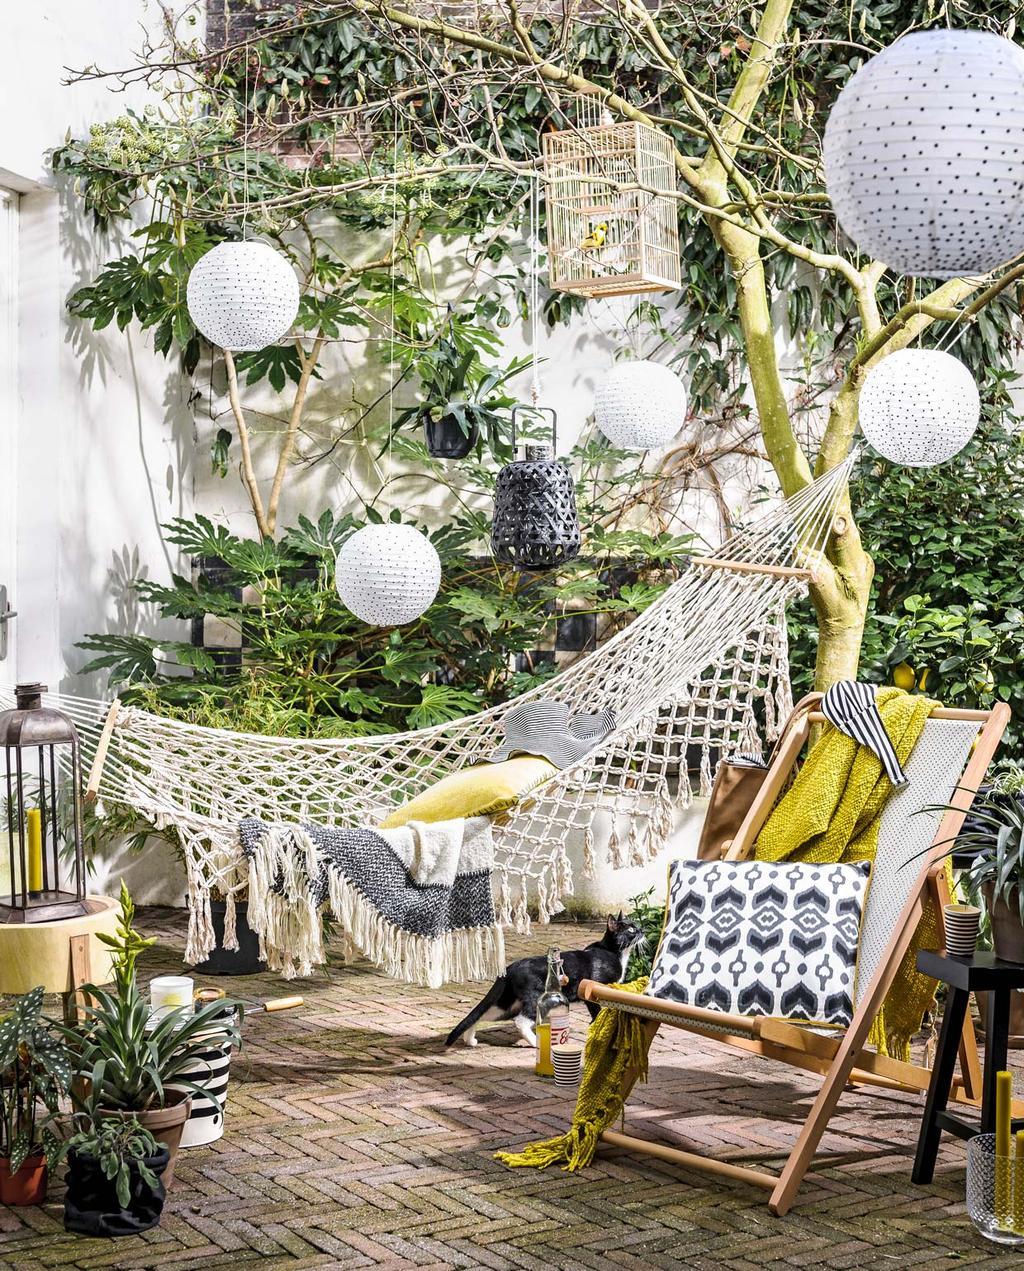 Maak je balkon en terras zomerklaar. kleine tuin met klimop, lampionnen en macrame hangmat | vtwonen